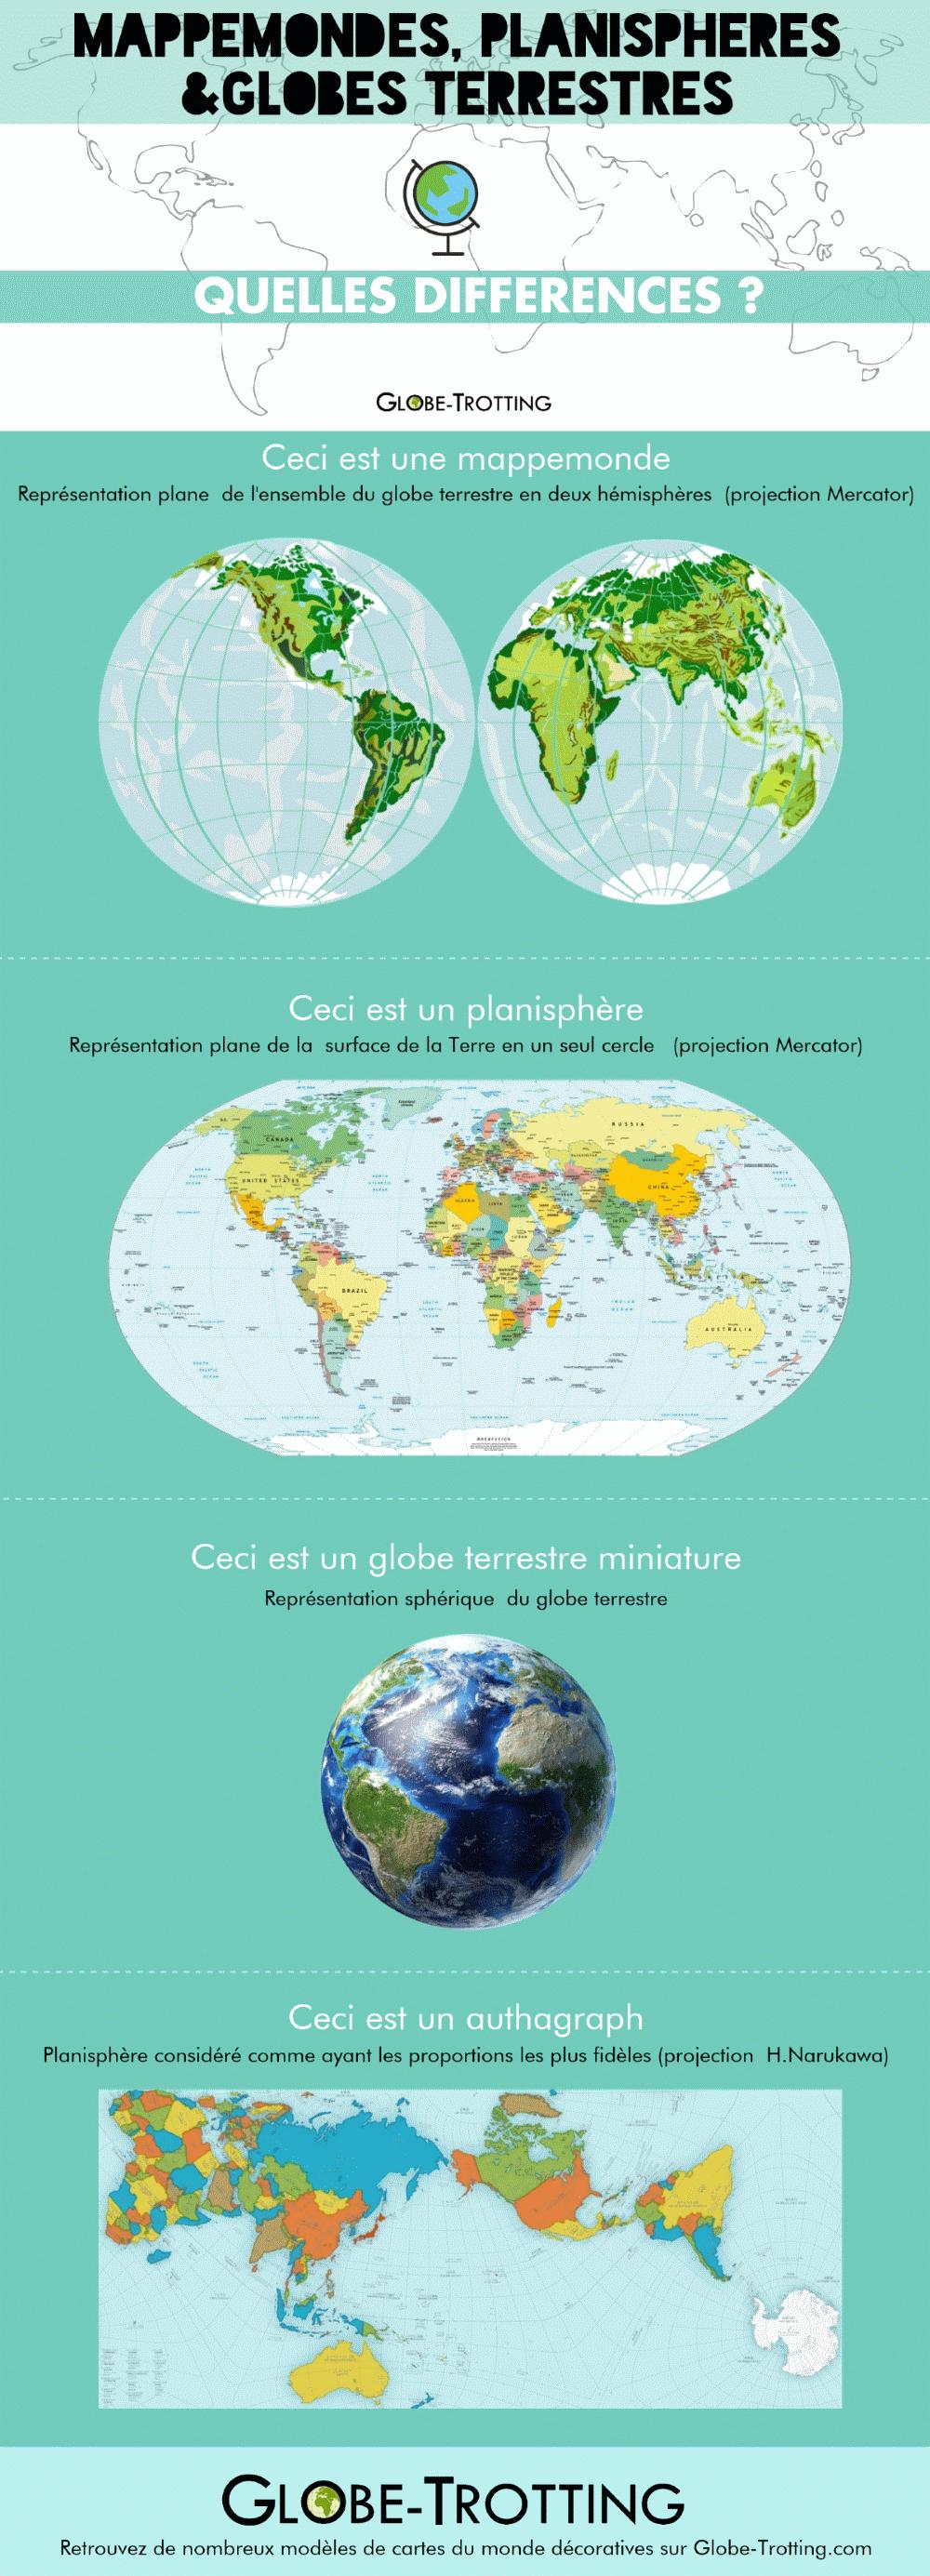 Mappemonde : Définition pour Dessin Mappemonde